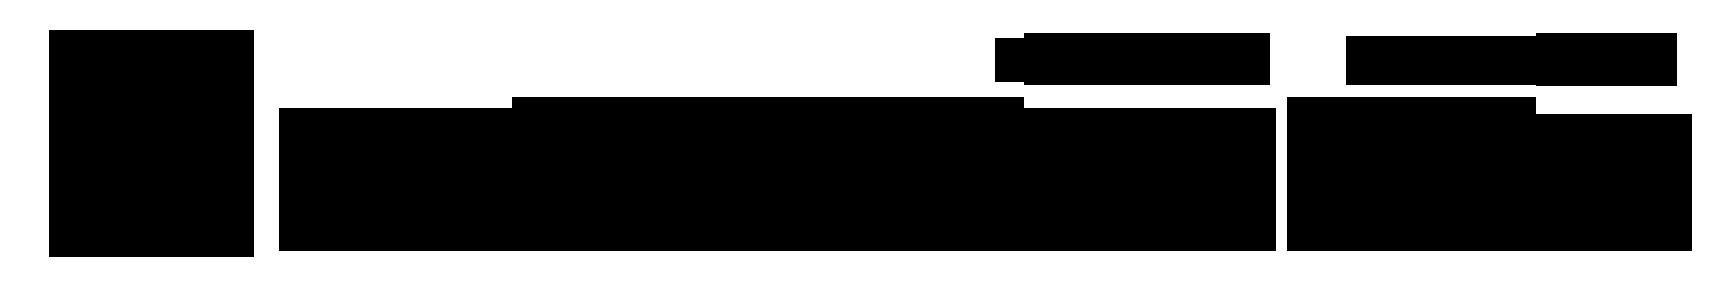 シンデレラクローゼット - プチプラアパレル通販